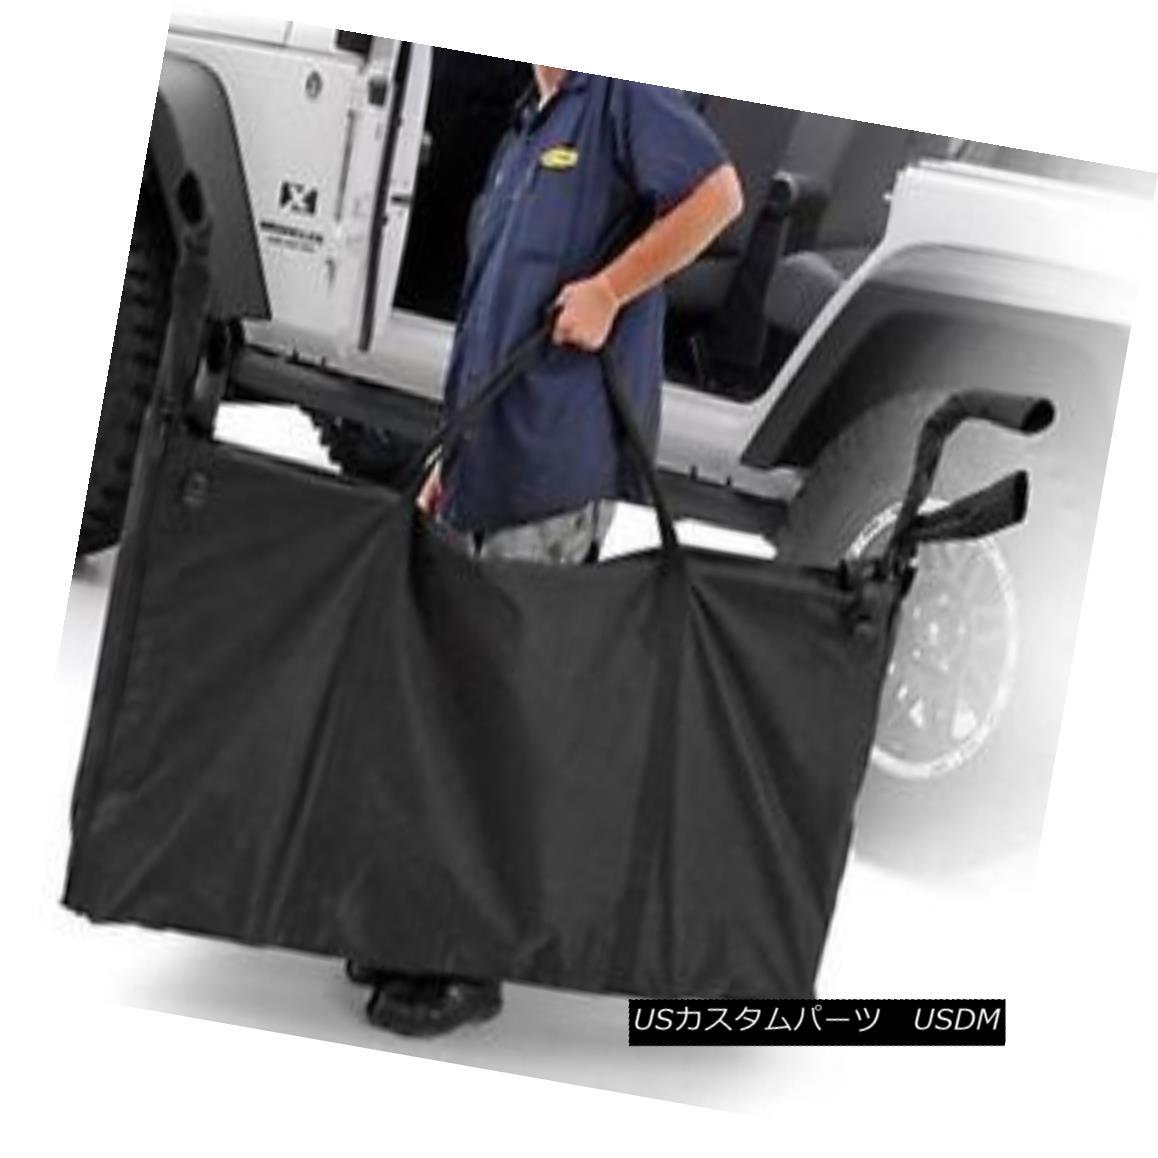 幌・ソフトトップ Smittybilt Soft Top Storage Bag Jeep Wrangler JK 2007-2017 596001 SmittybiltソフトトップストレージバッグJeep Wrangler JK 2007-2017 596001